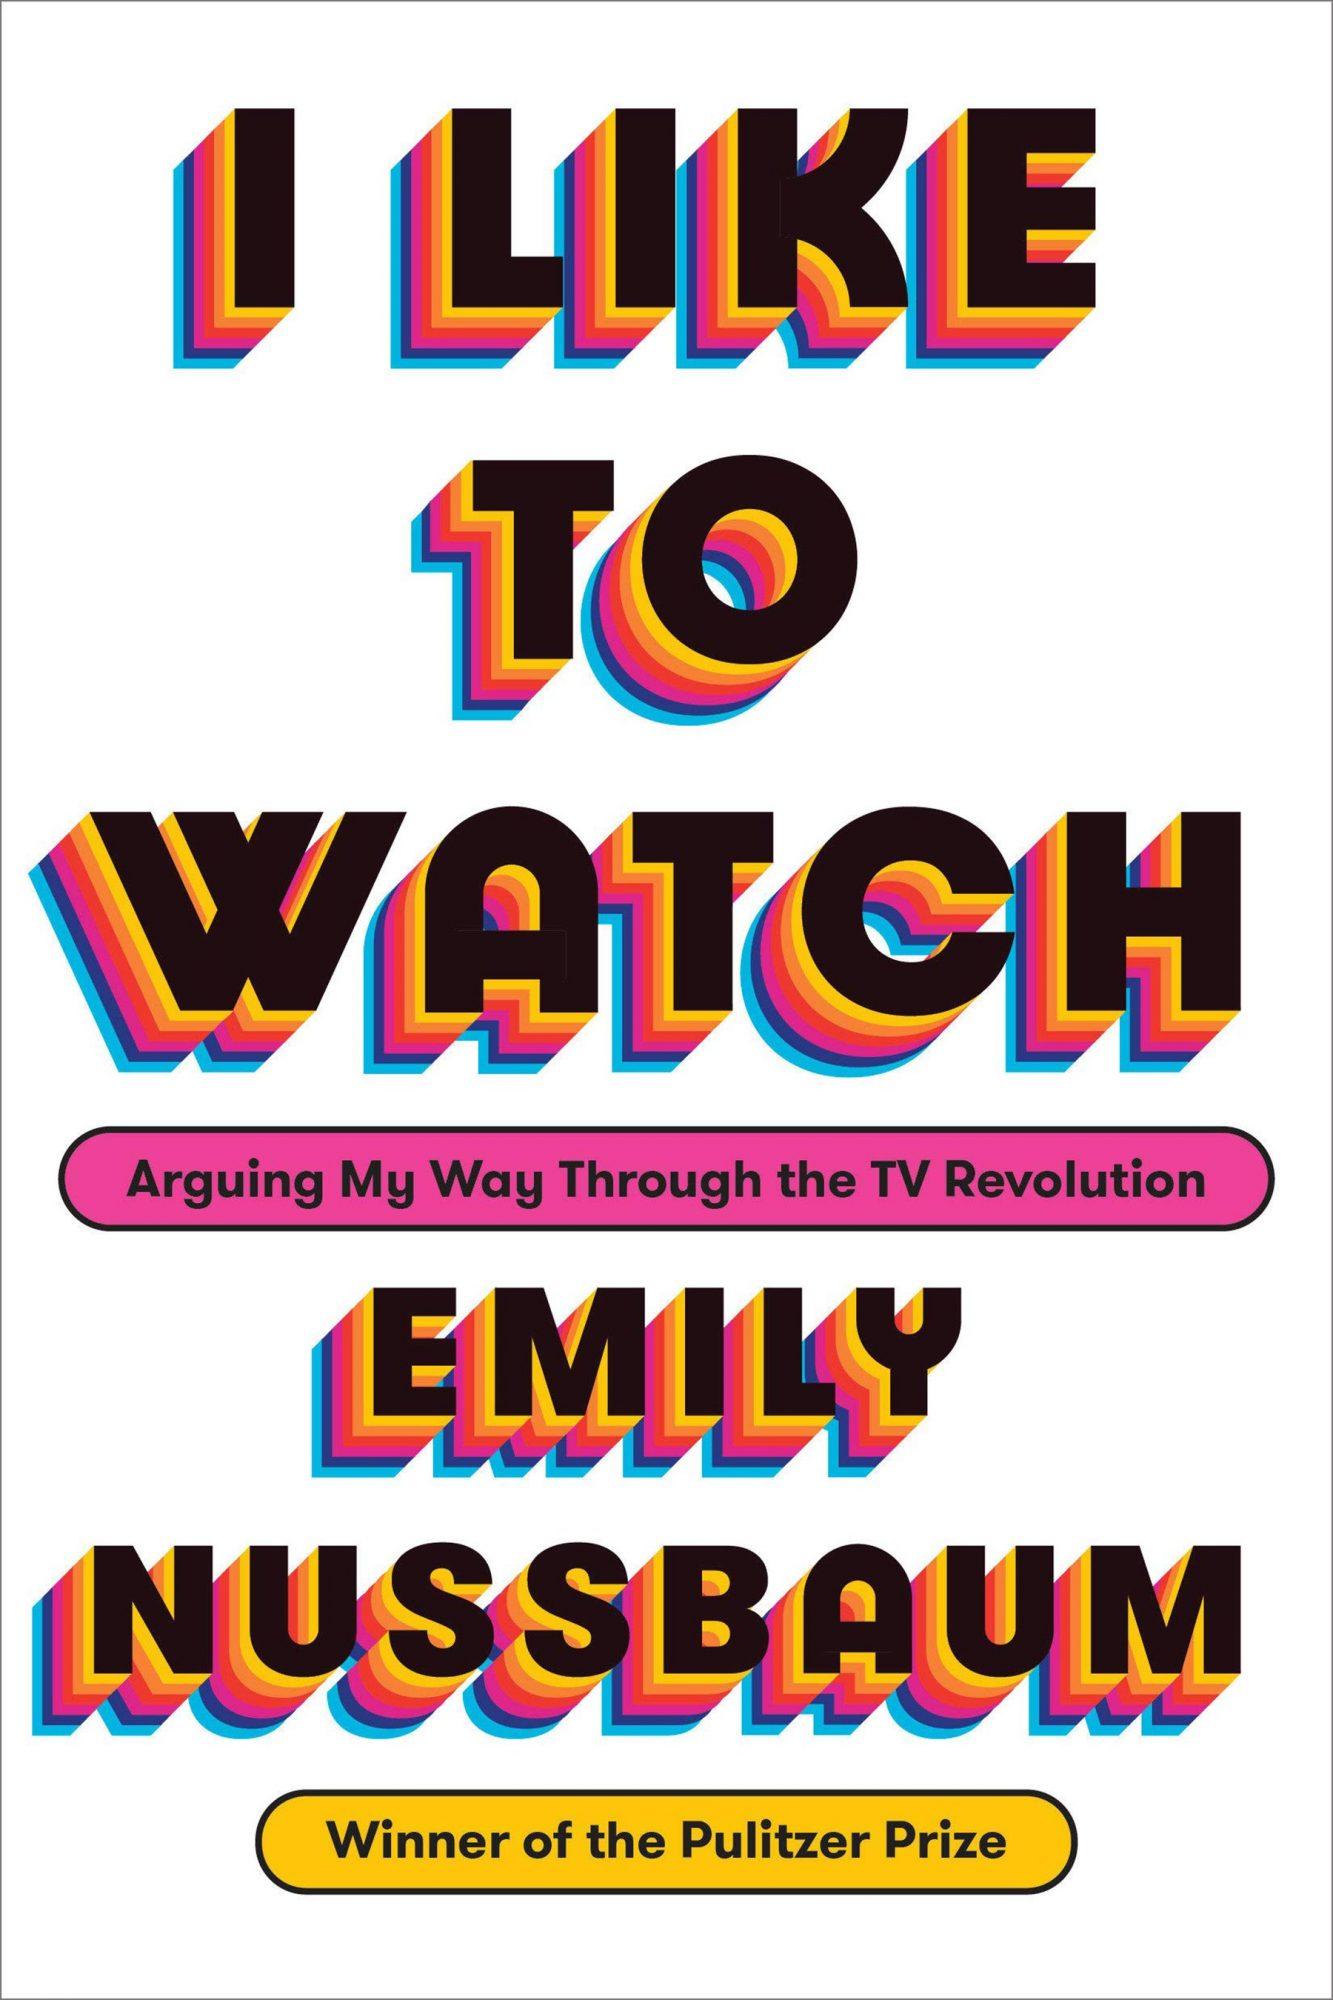 Emily-Nussbaum